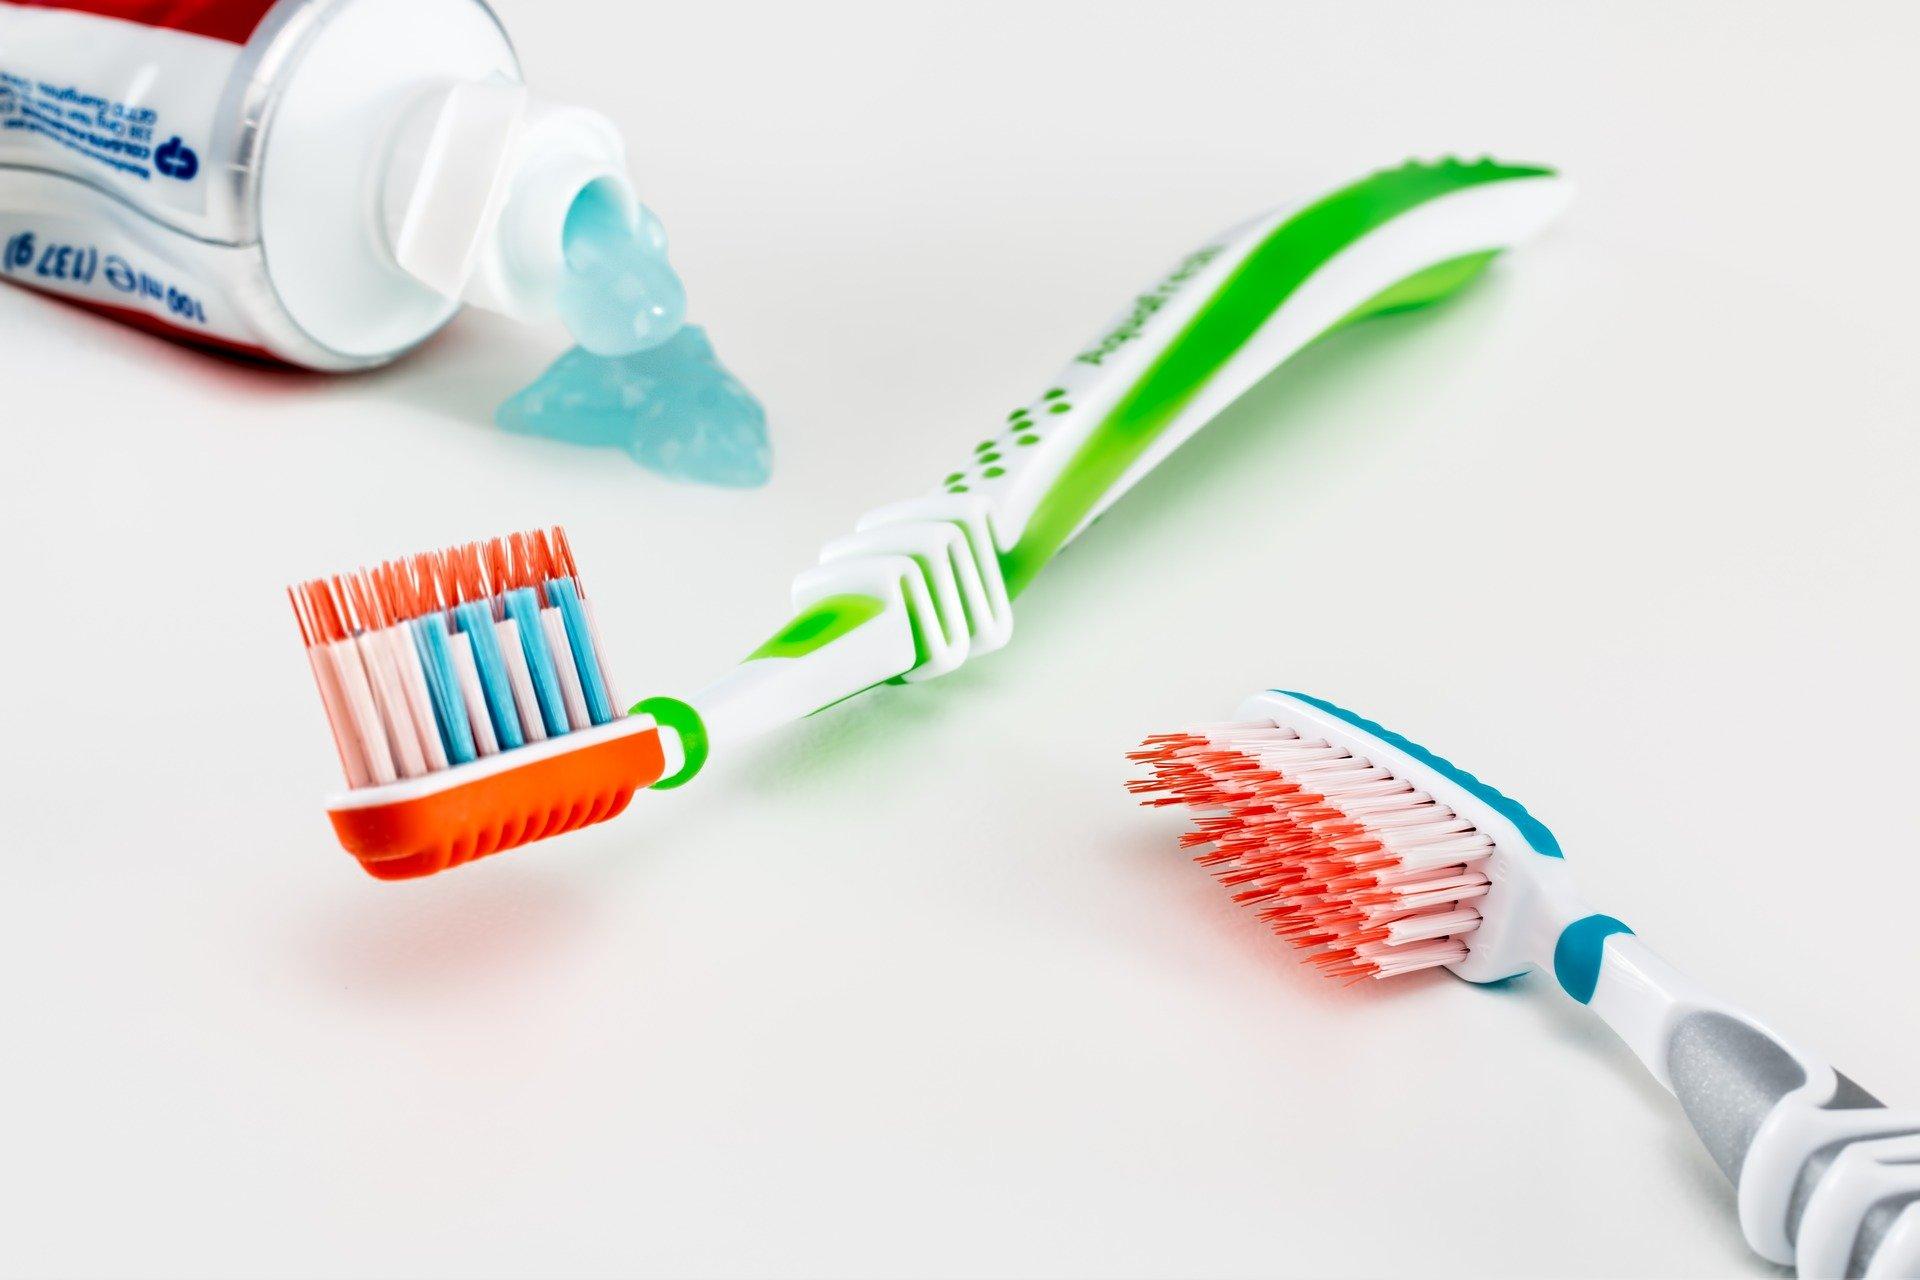 základní hygienické úkony